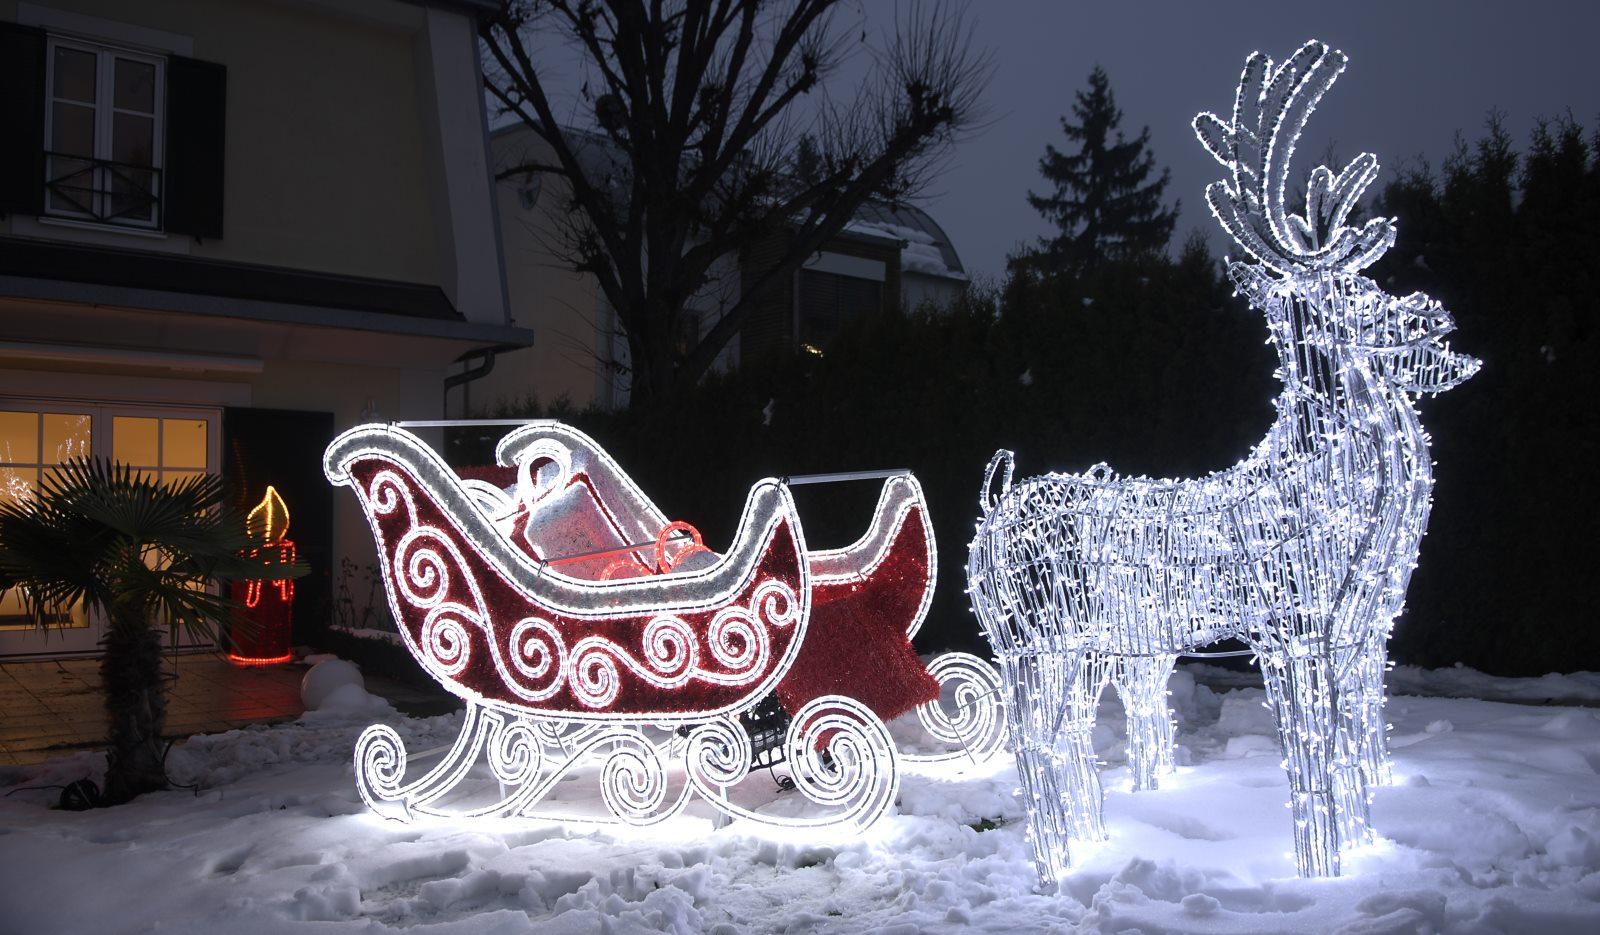 3d Weihnachtsbeleuchtung.Ein Glitzerndes Zuhause Mit Weihnachtsbeleuchtung Von Leso